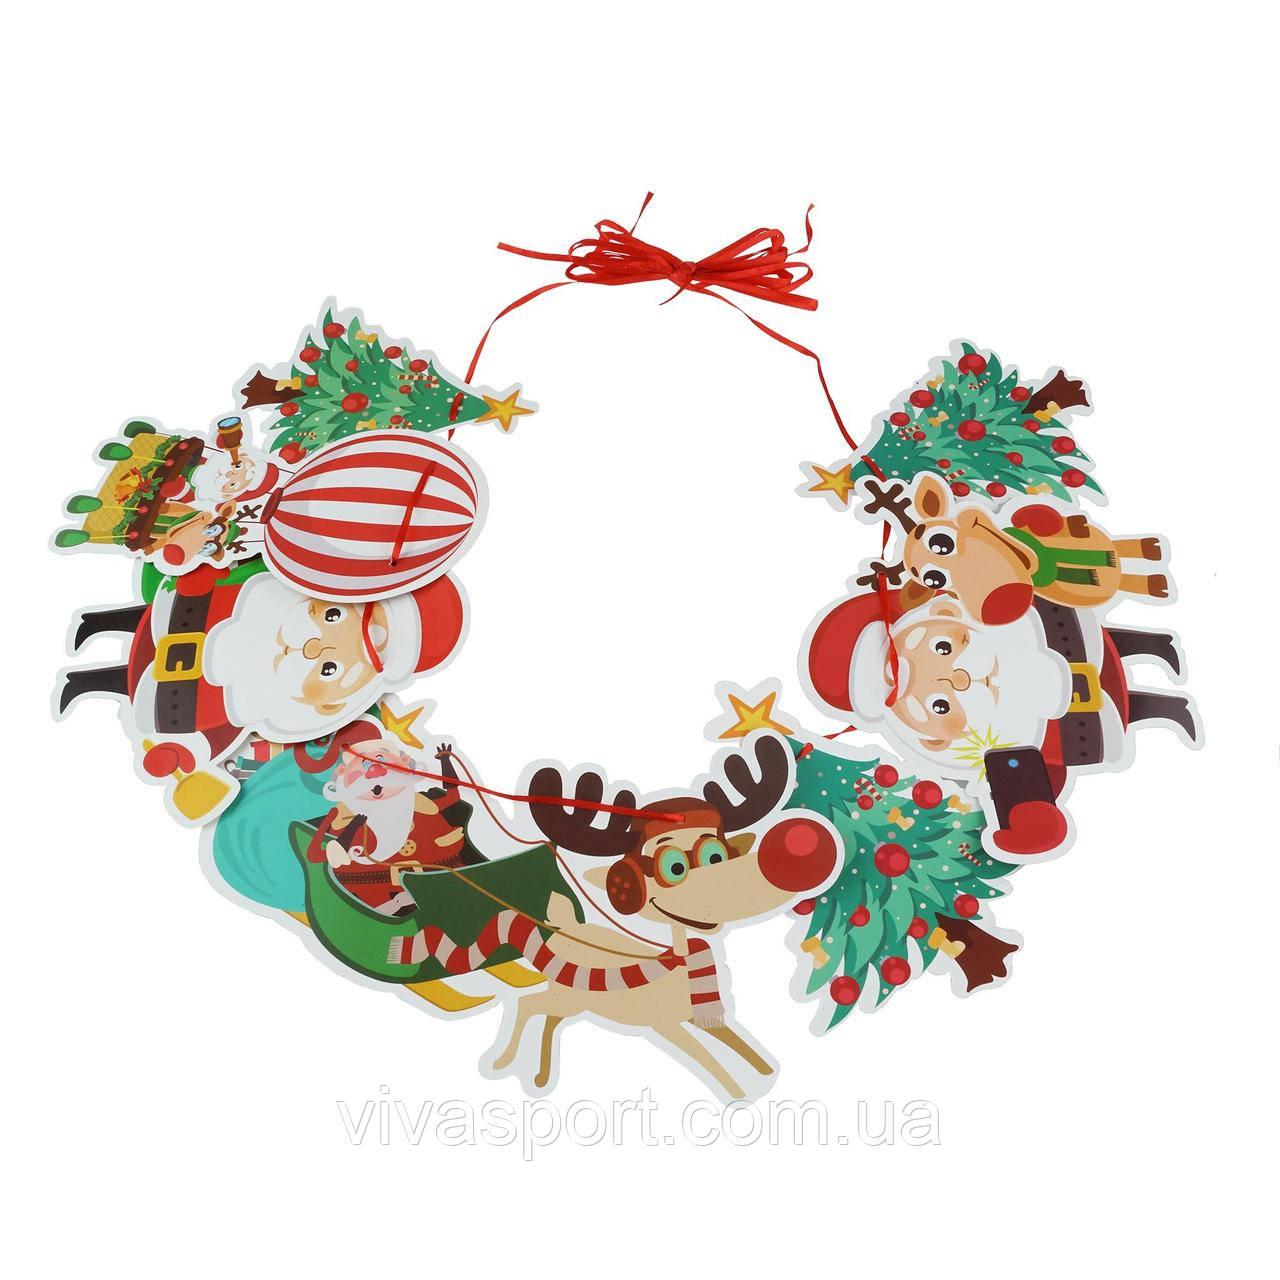 Новогодняя гирлянда Дед Мороз, бумажная гирлянда